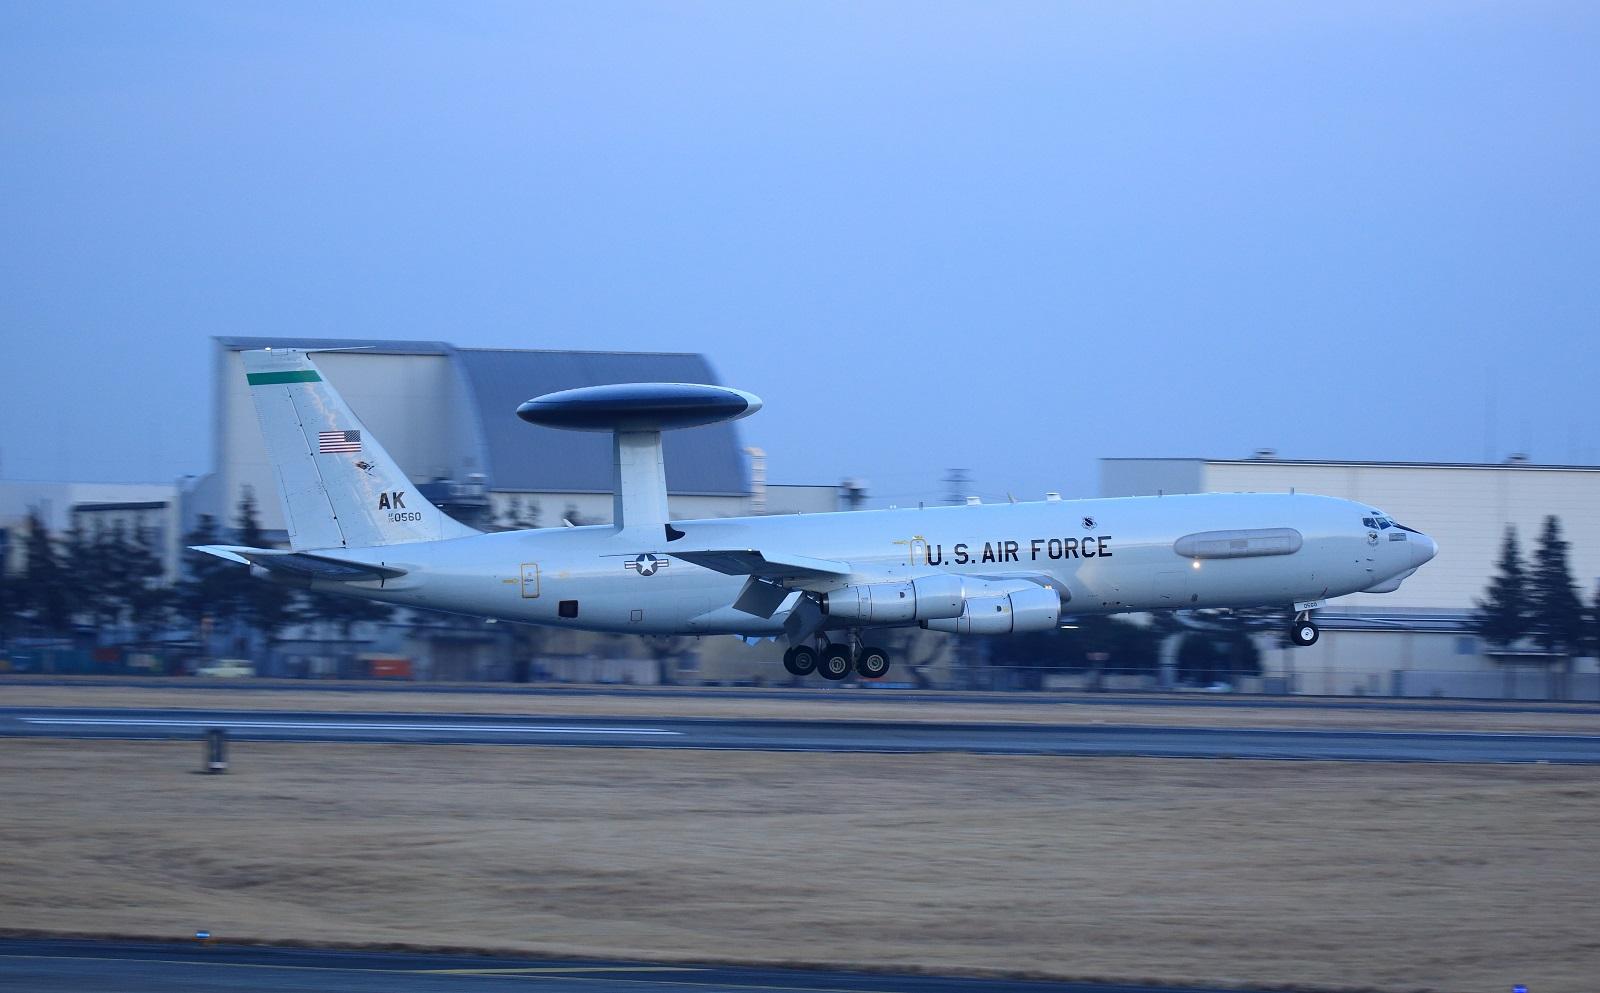 1月27日 E-3C AK